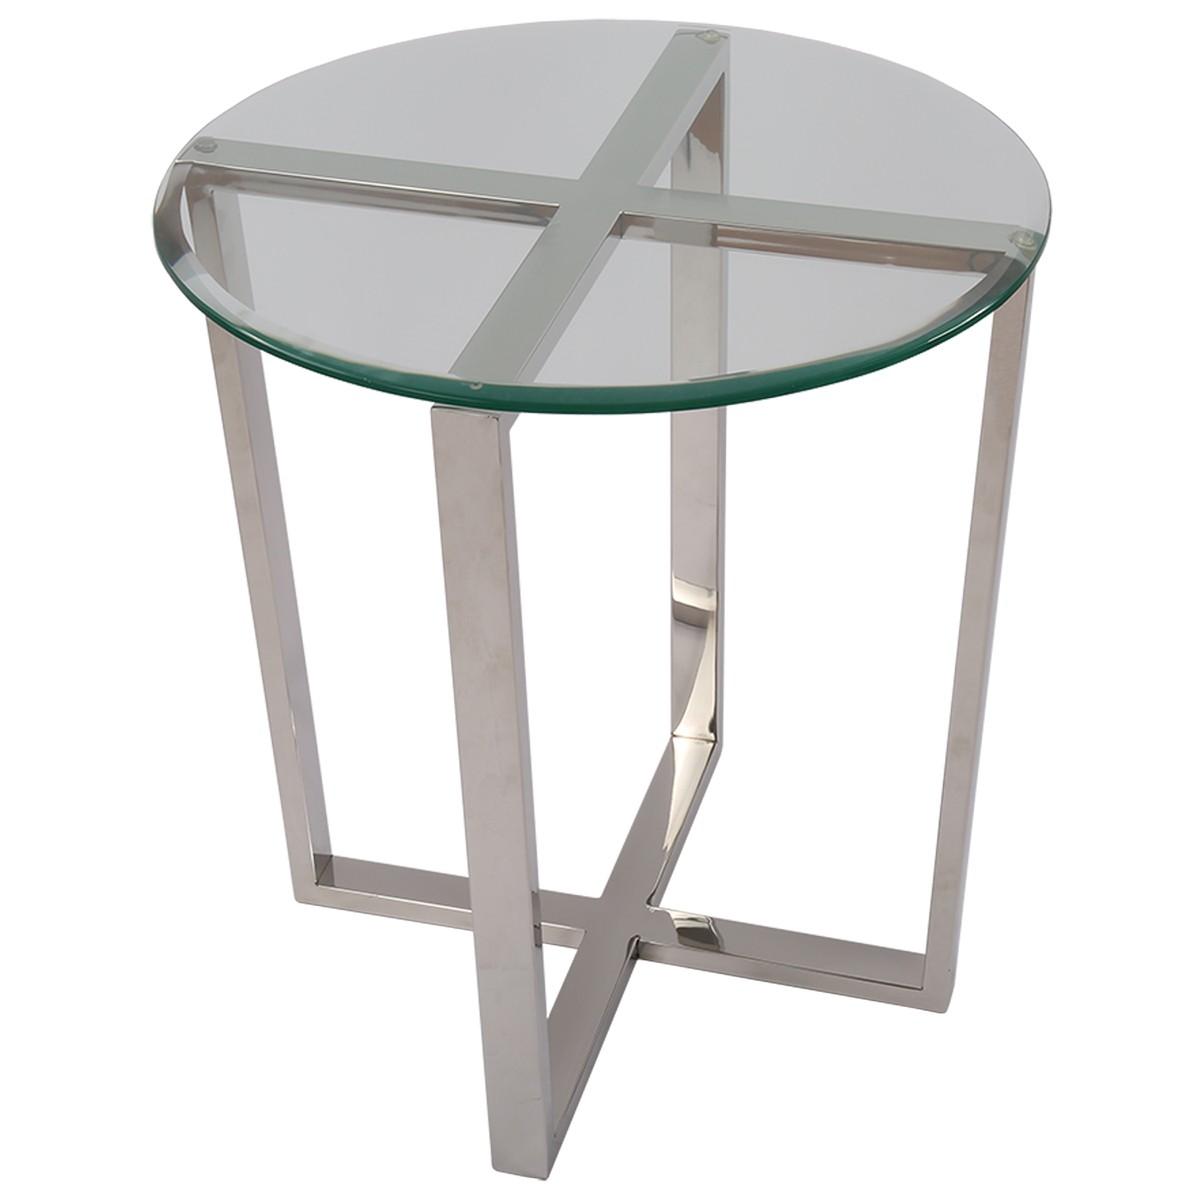 Faszinierend Beistelltisch Metall Glas Referenz Von